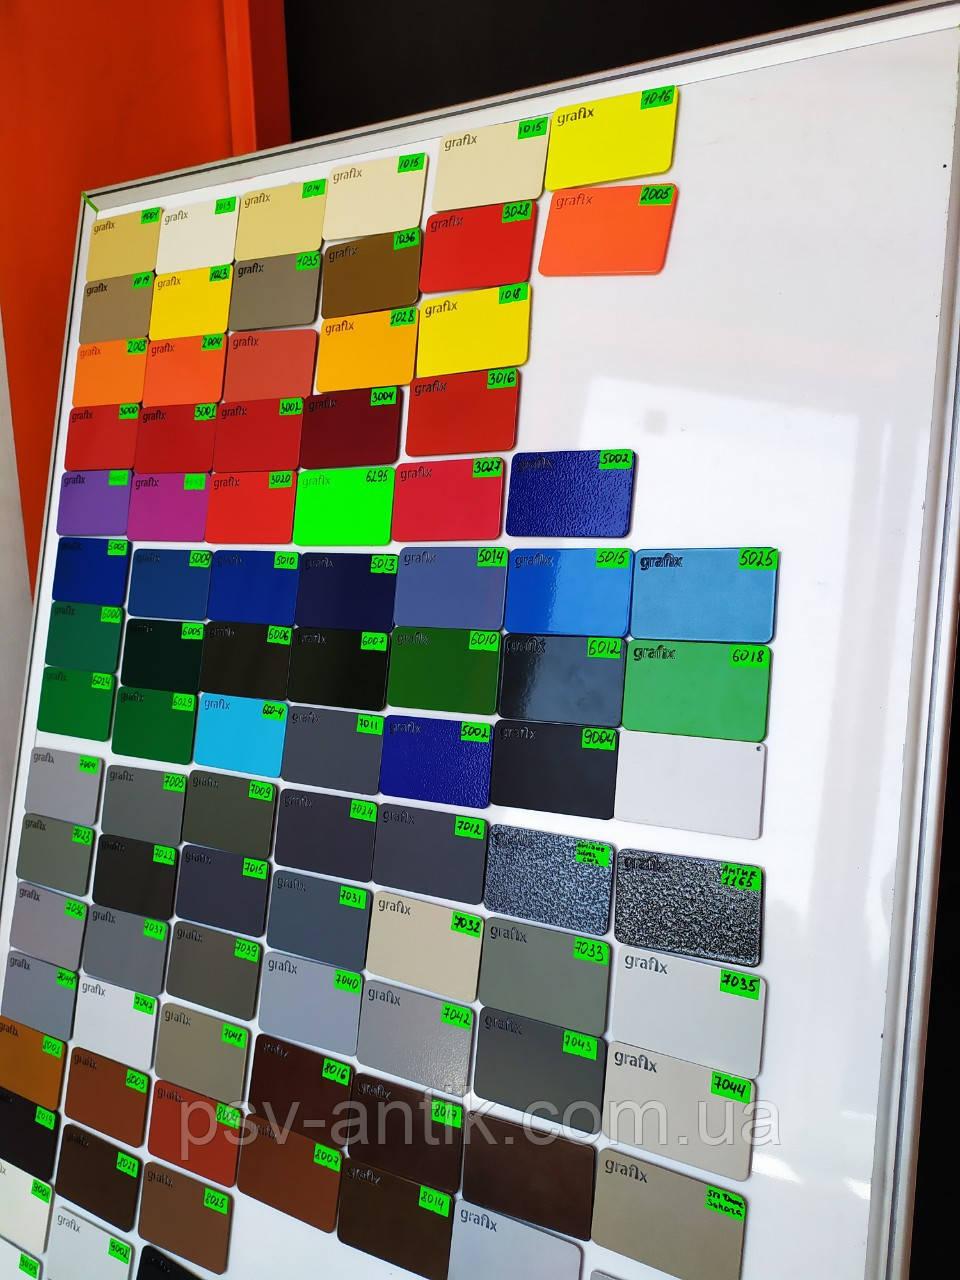 Порошковая краска матовая, полиэфирная, архитектурная, 5015